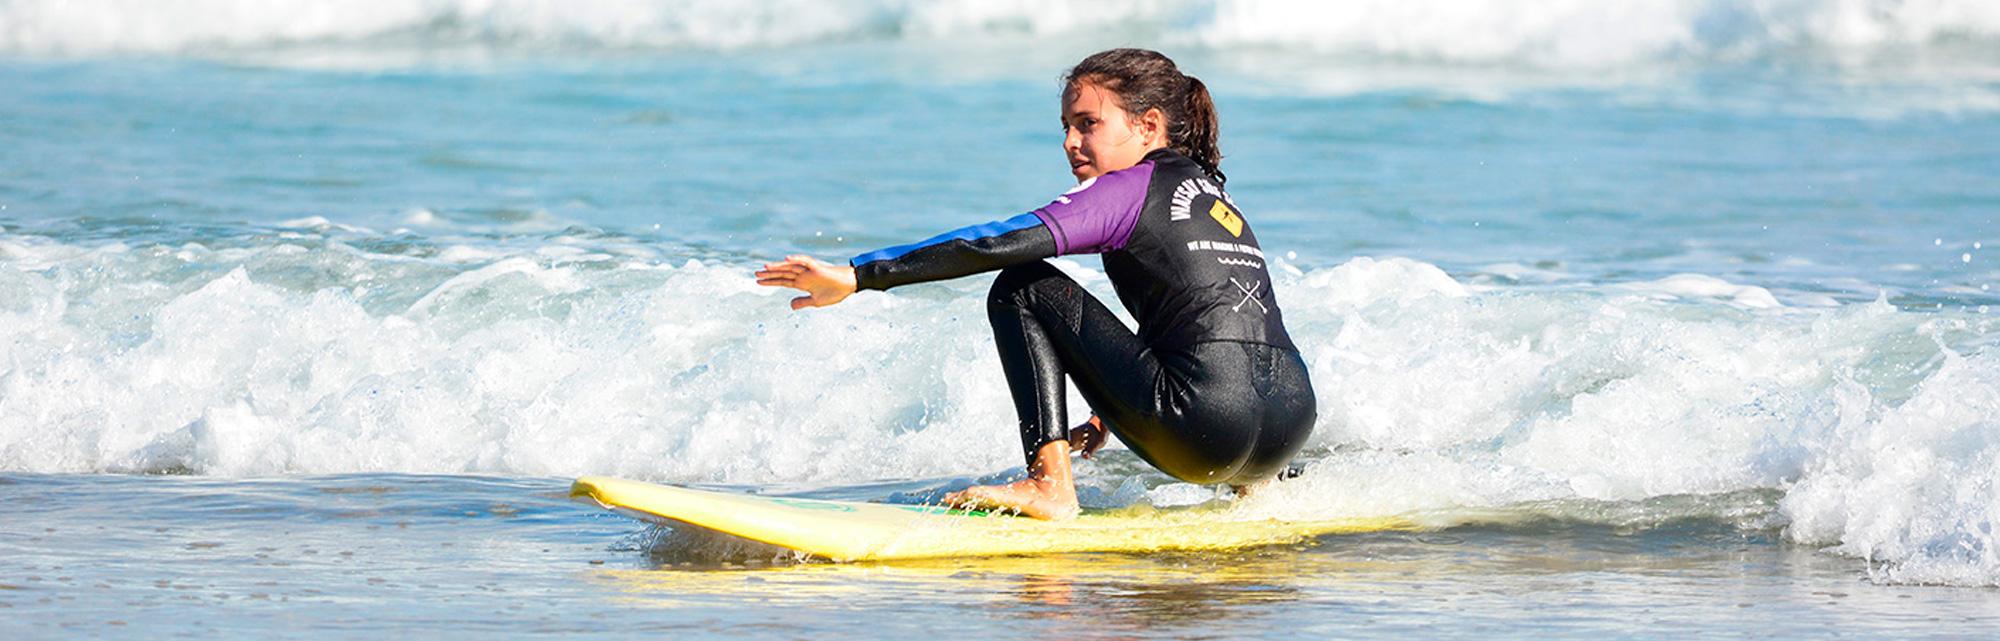 Surf camp, campamentos de surf de día